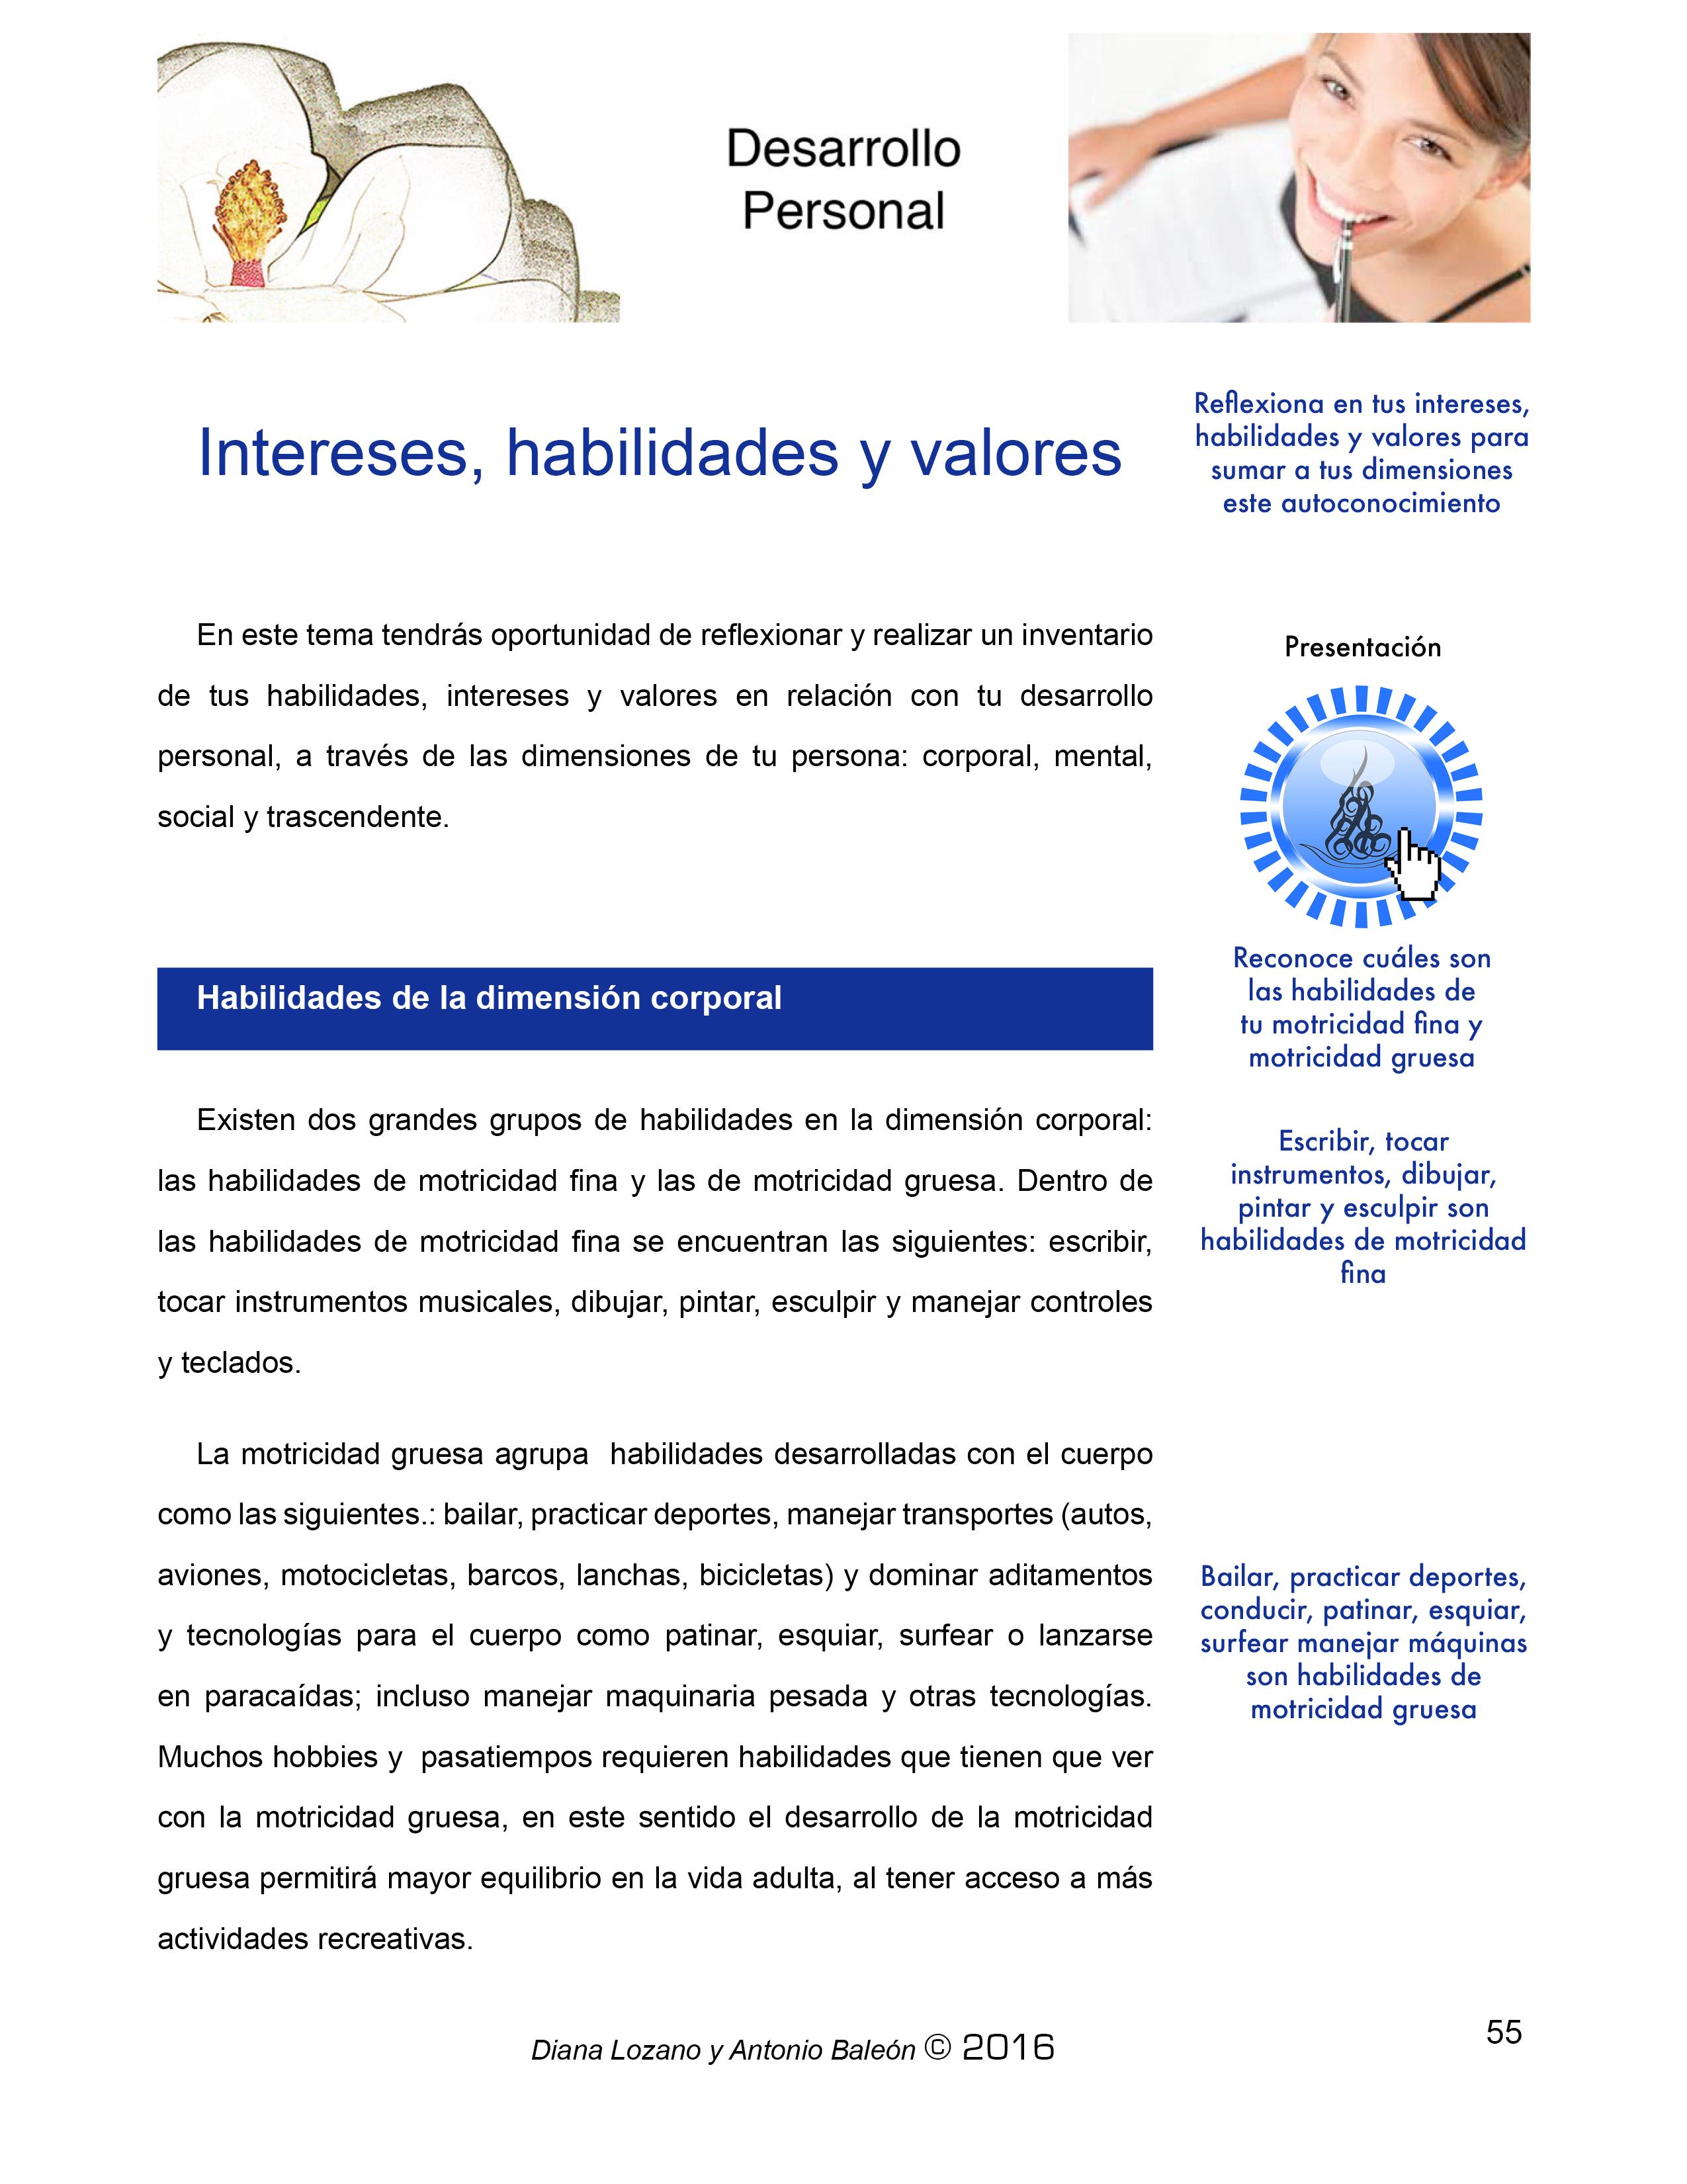 desarrollo personal eBook descarga gratis, Pdf descarga desarrollo personal gratis, desarrollo personal en línea, filosofía de vida